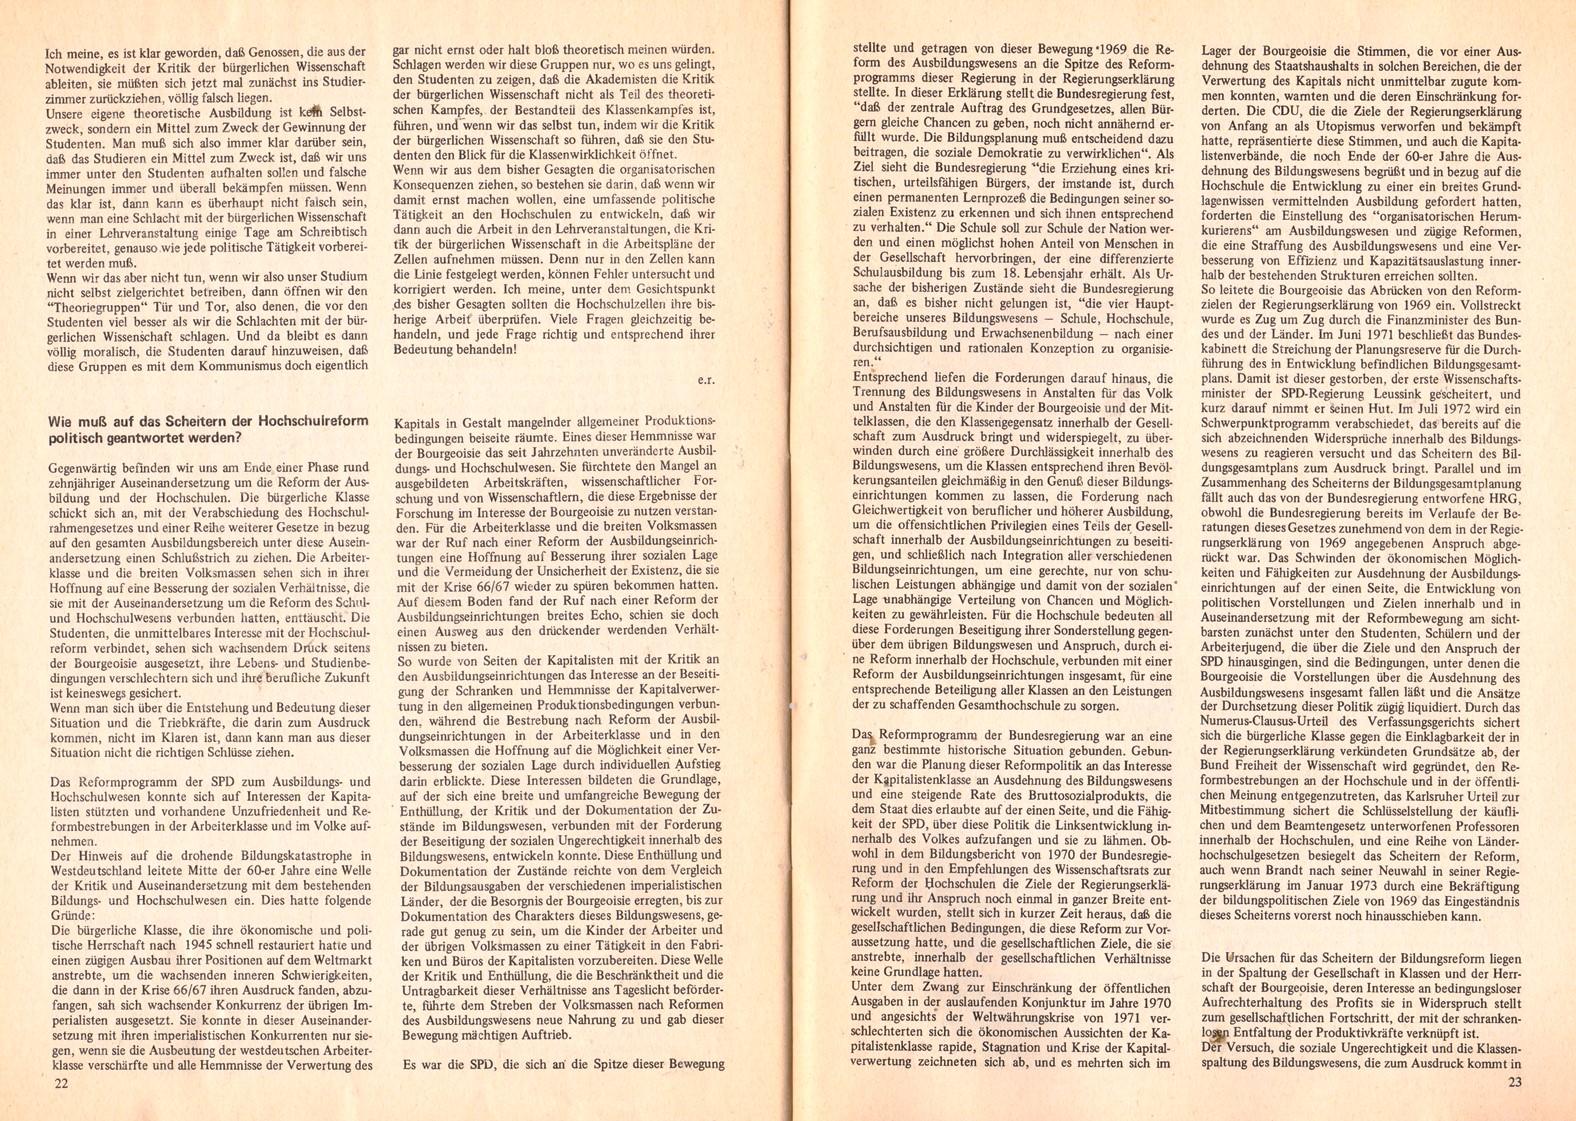 KBW_1974_Aufgaben_der_kommunistischen_Studenten_12